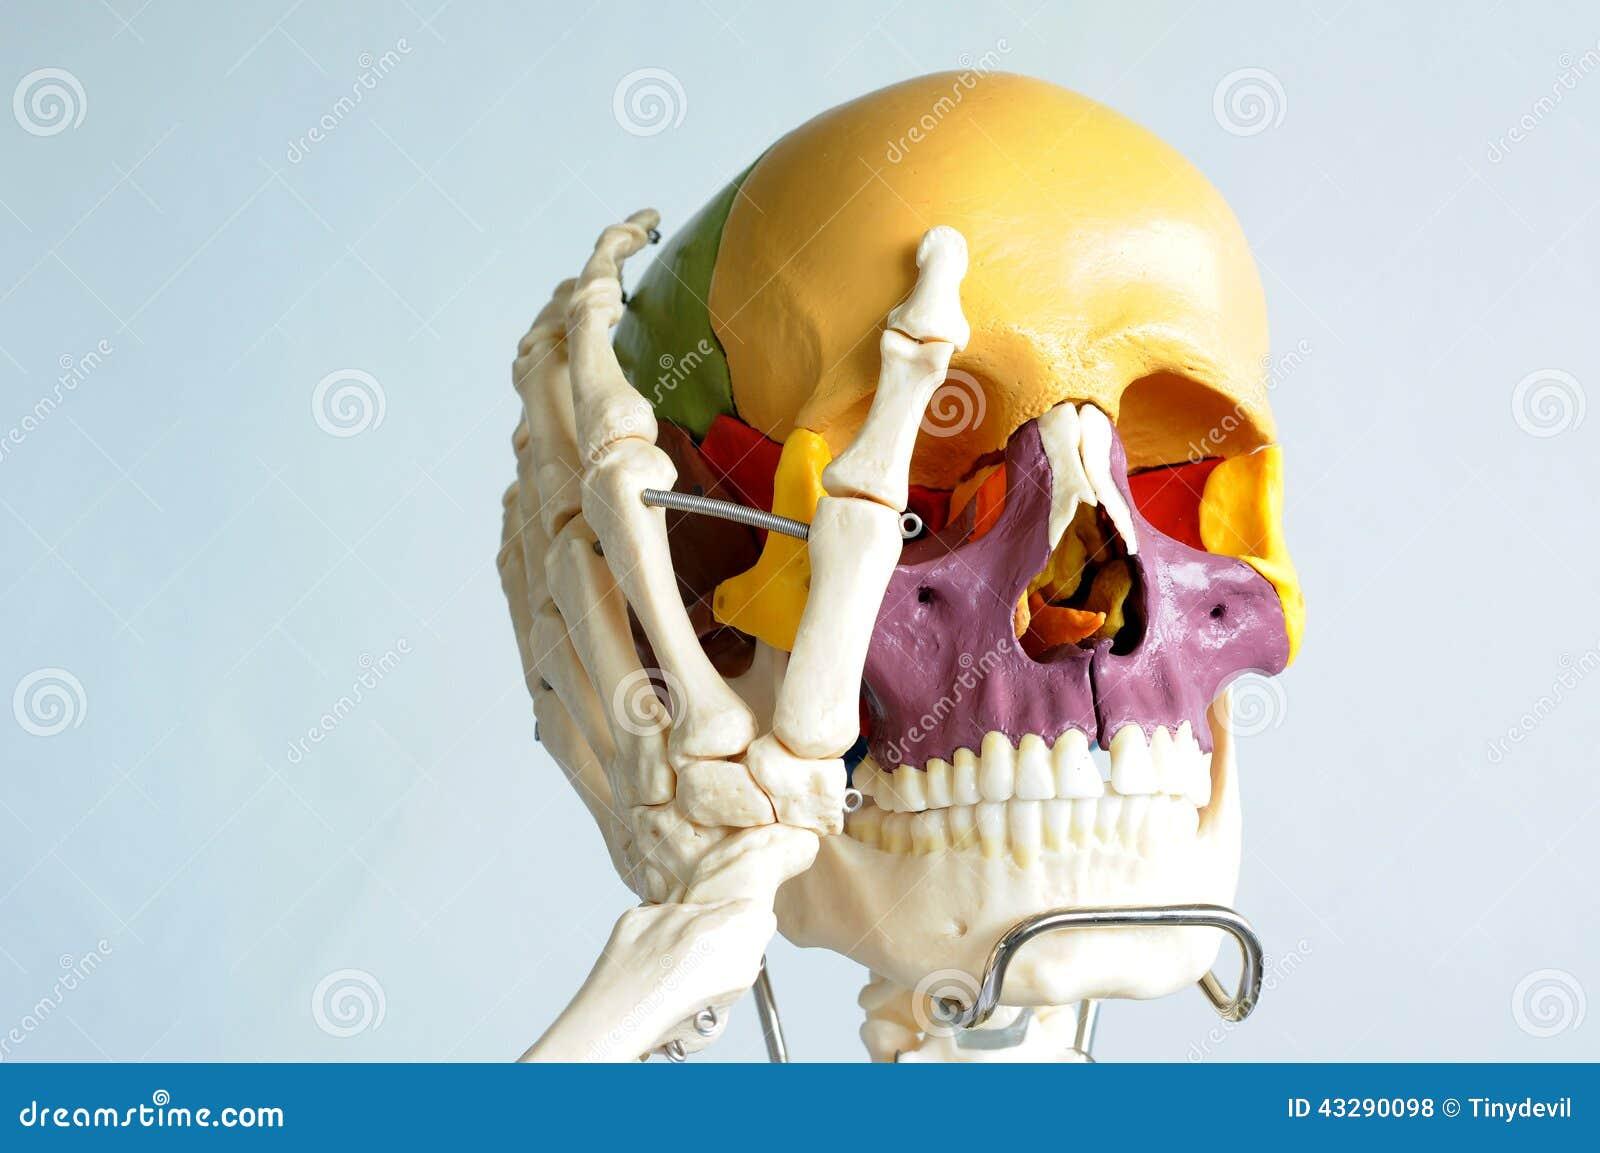 Anatomie Des Menschlichen Schädels Stockfoto - Bild von doktor ...